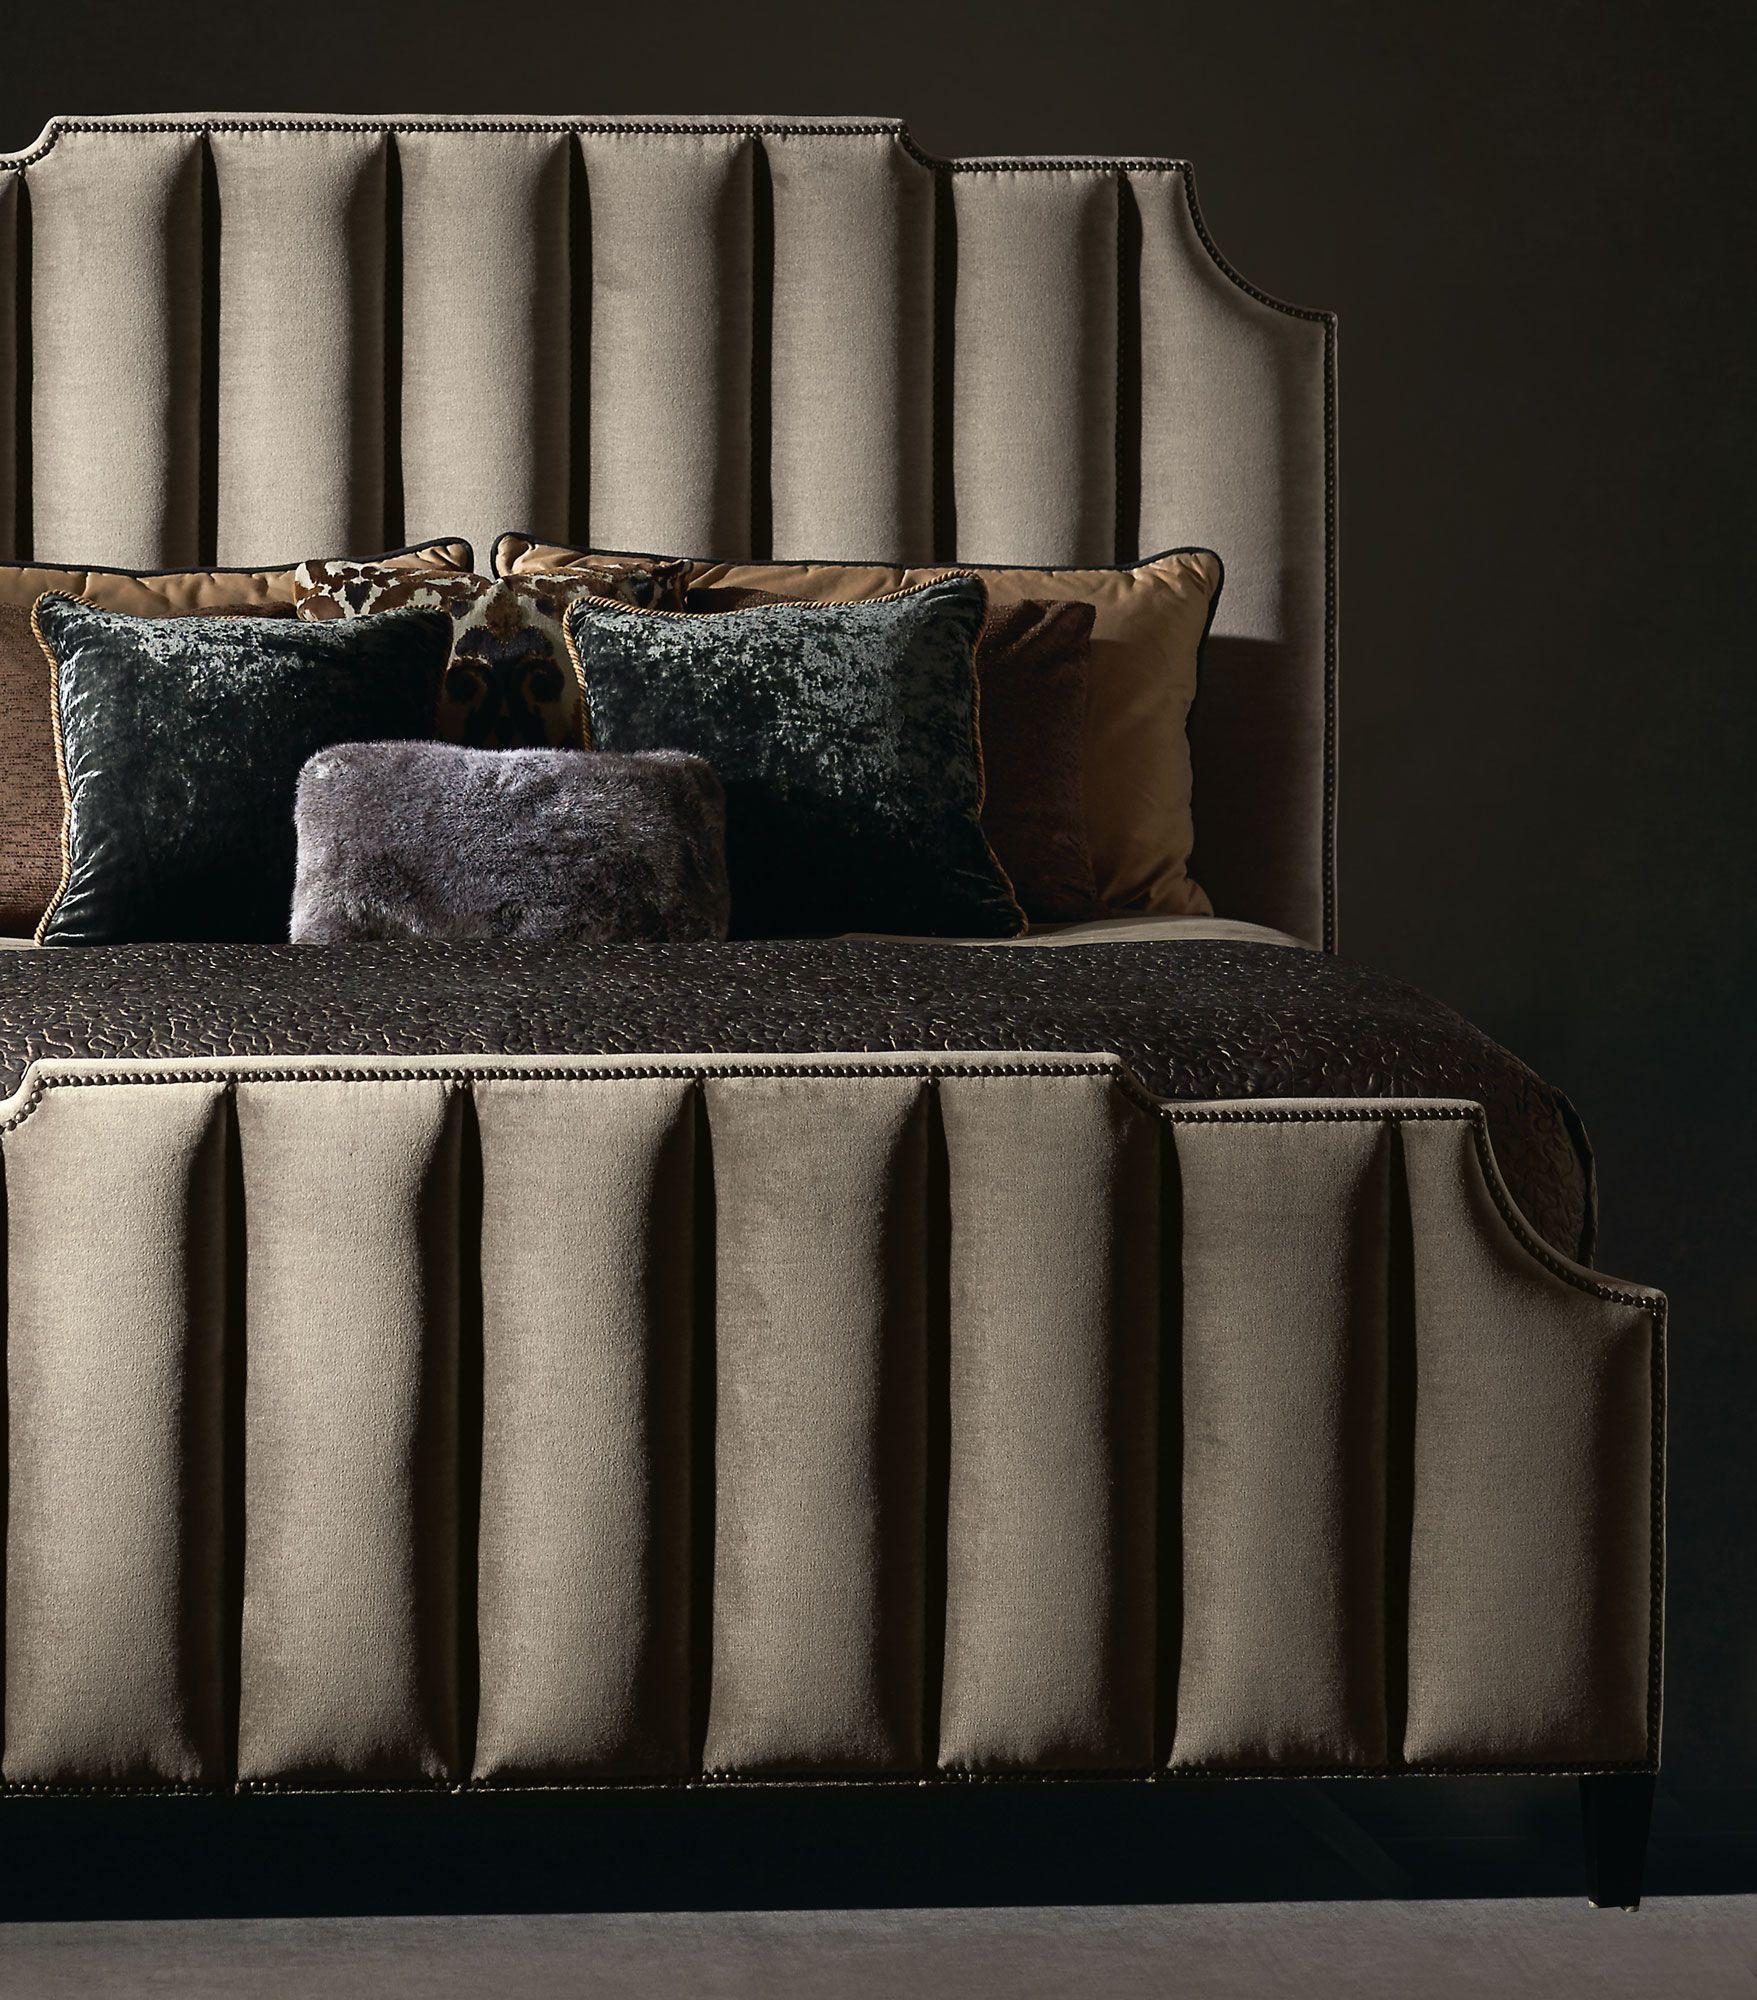 Bayonne Bed Bernhardt Кровати, Изголовье кровати